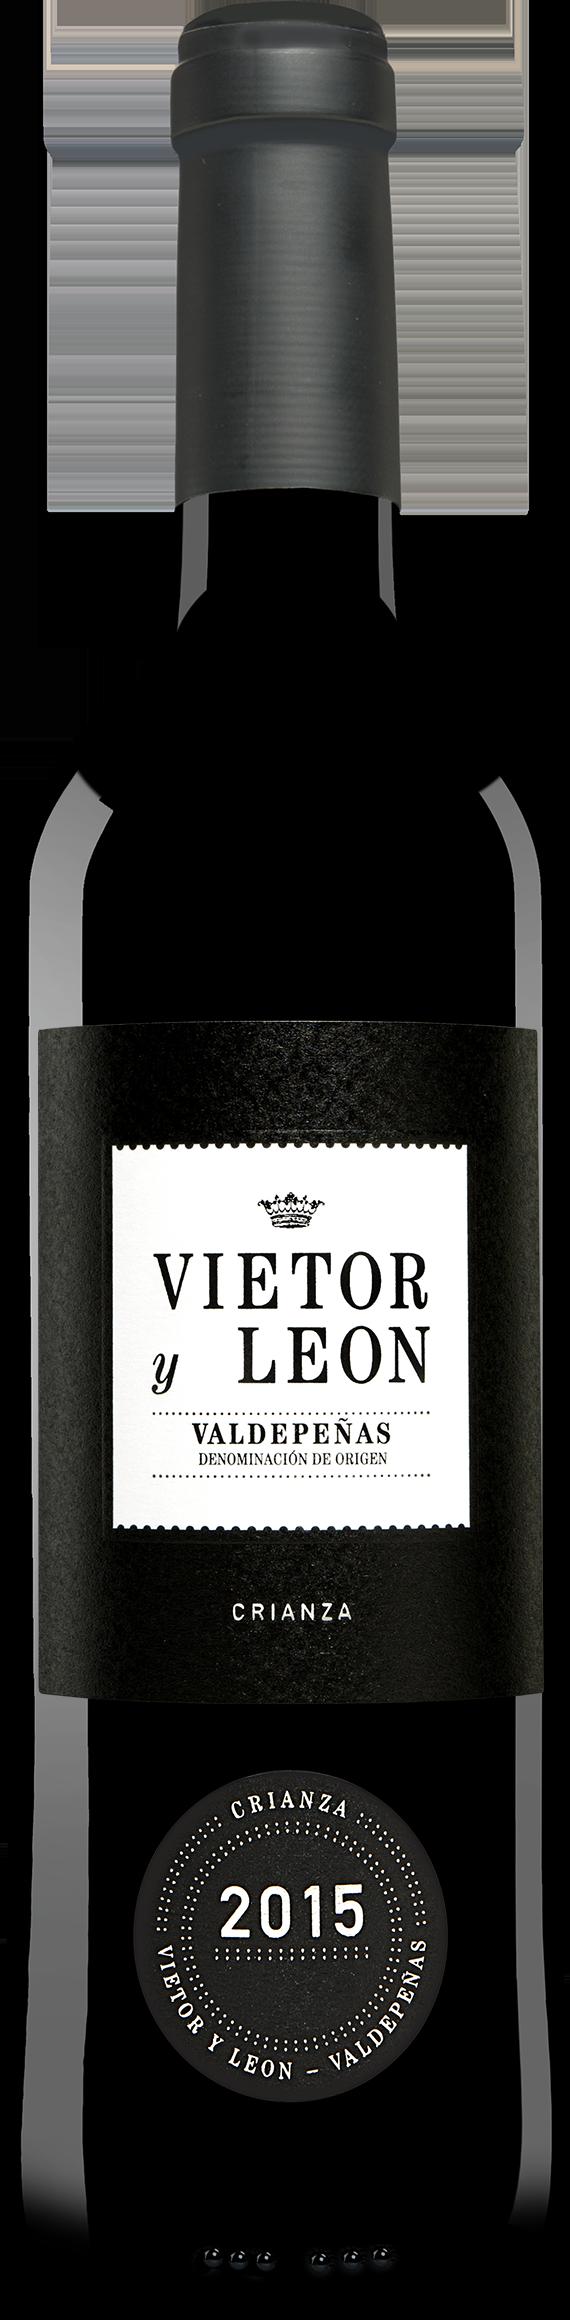 Gold-prämiert: Vietor y Leon Crianza 2015 nur 4,15 € statt 5,95 € (Tagesdeal)